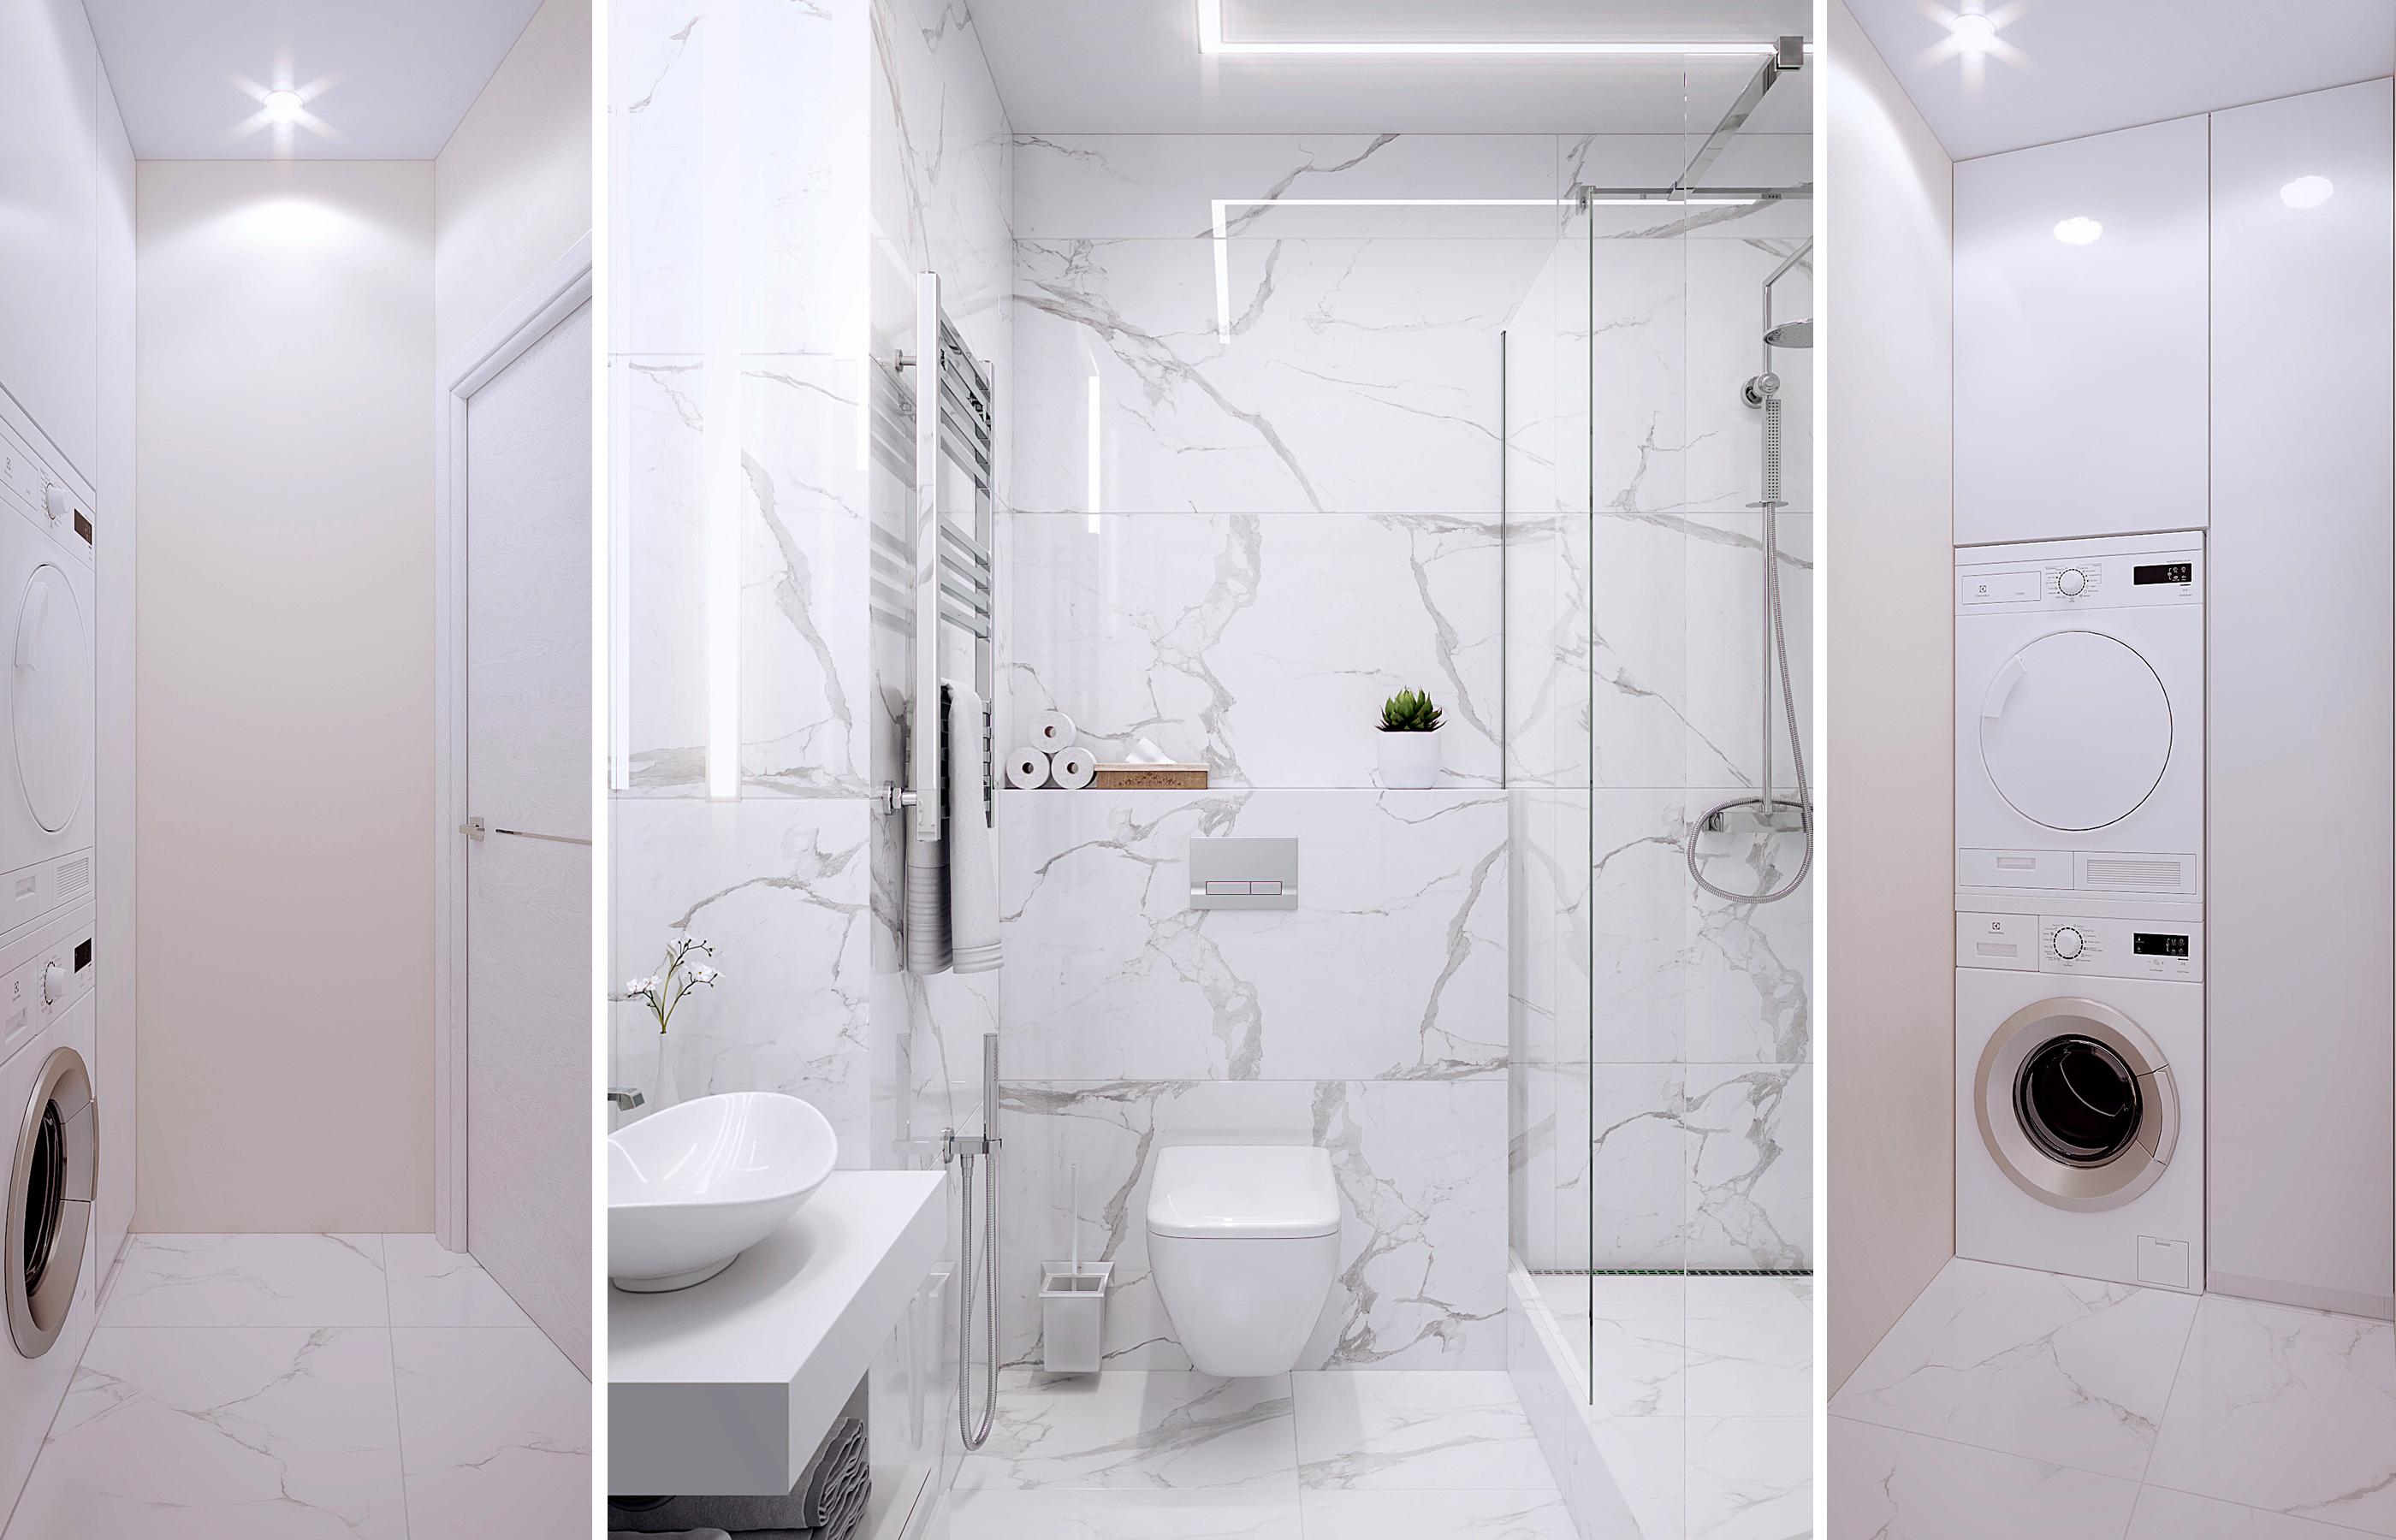 Интерьер прачечной выполнен в той же гамме что и ванна. Но стены сдезь просто покрашены краской, стойкой к истиранию